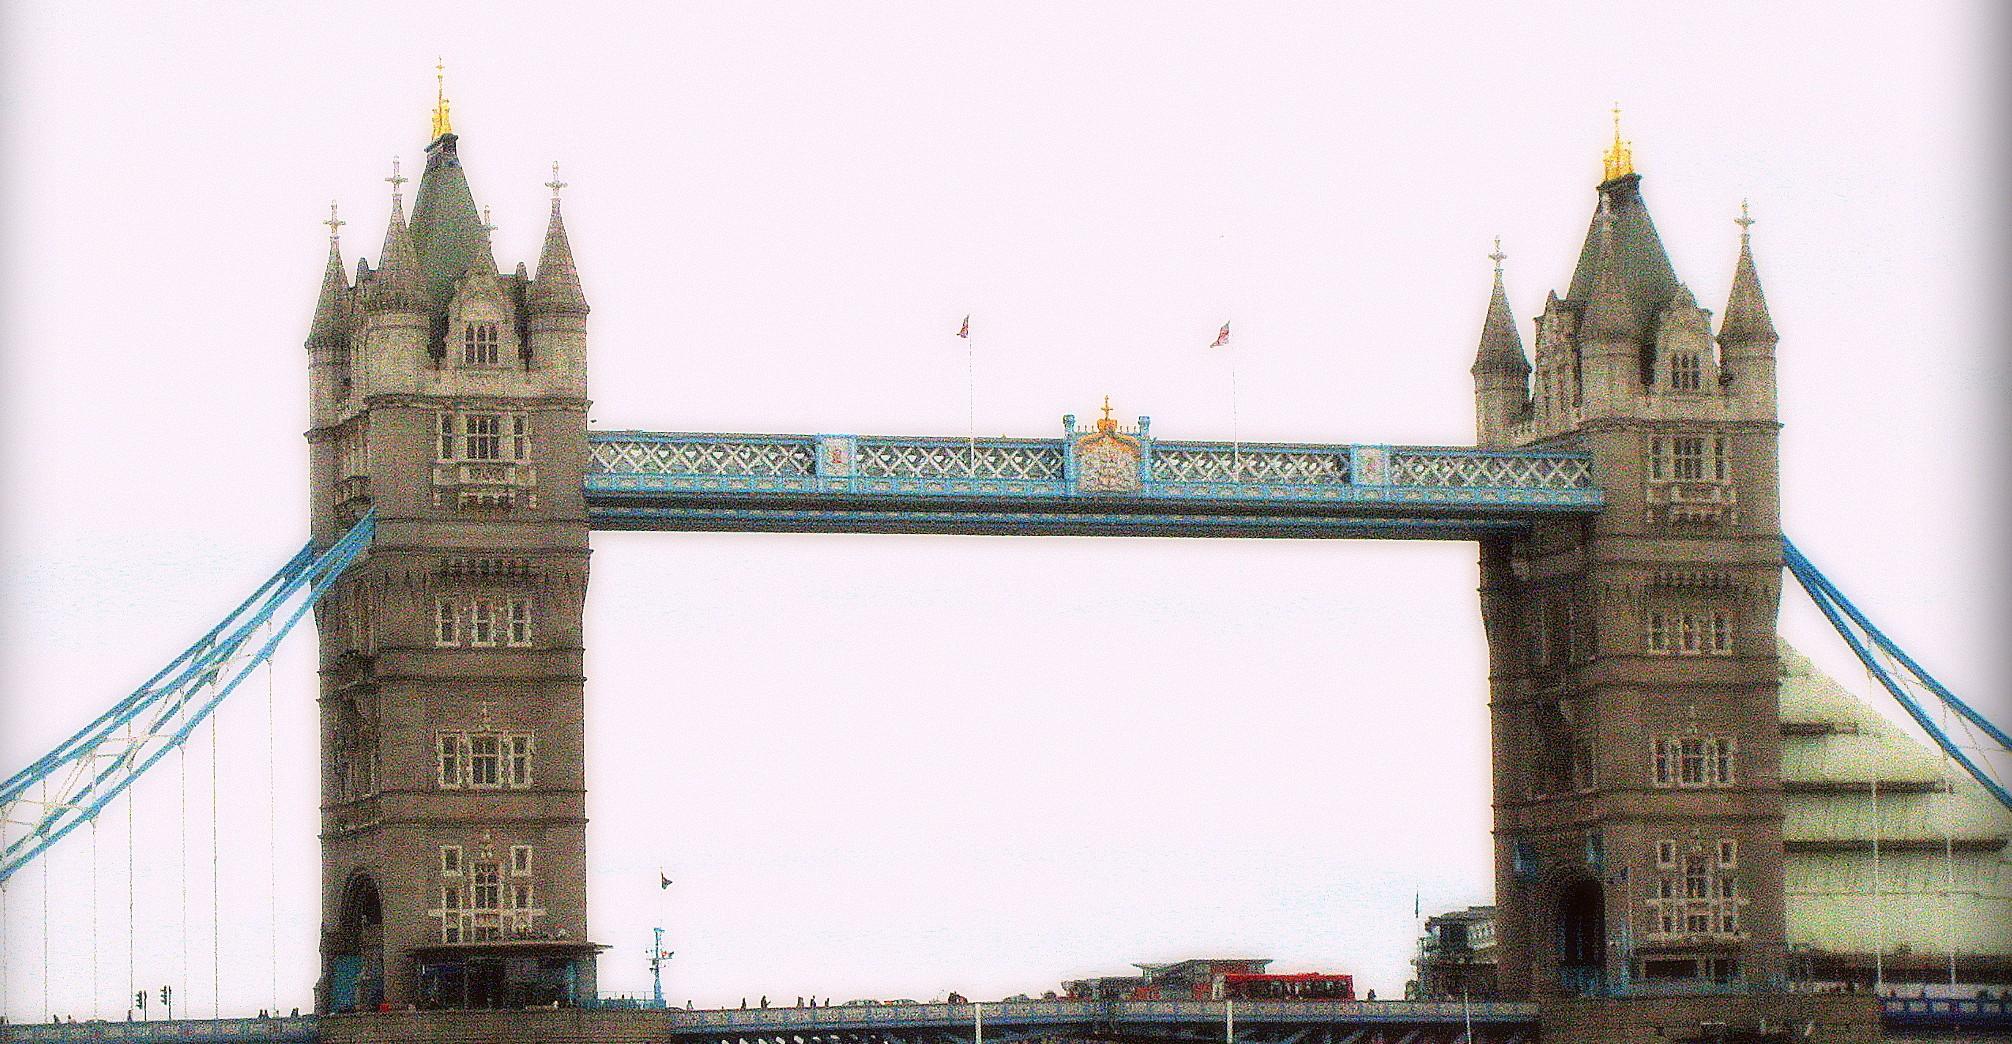 Tower bridge e1350936121887